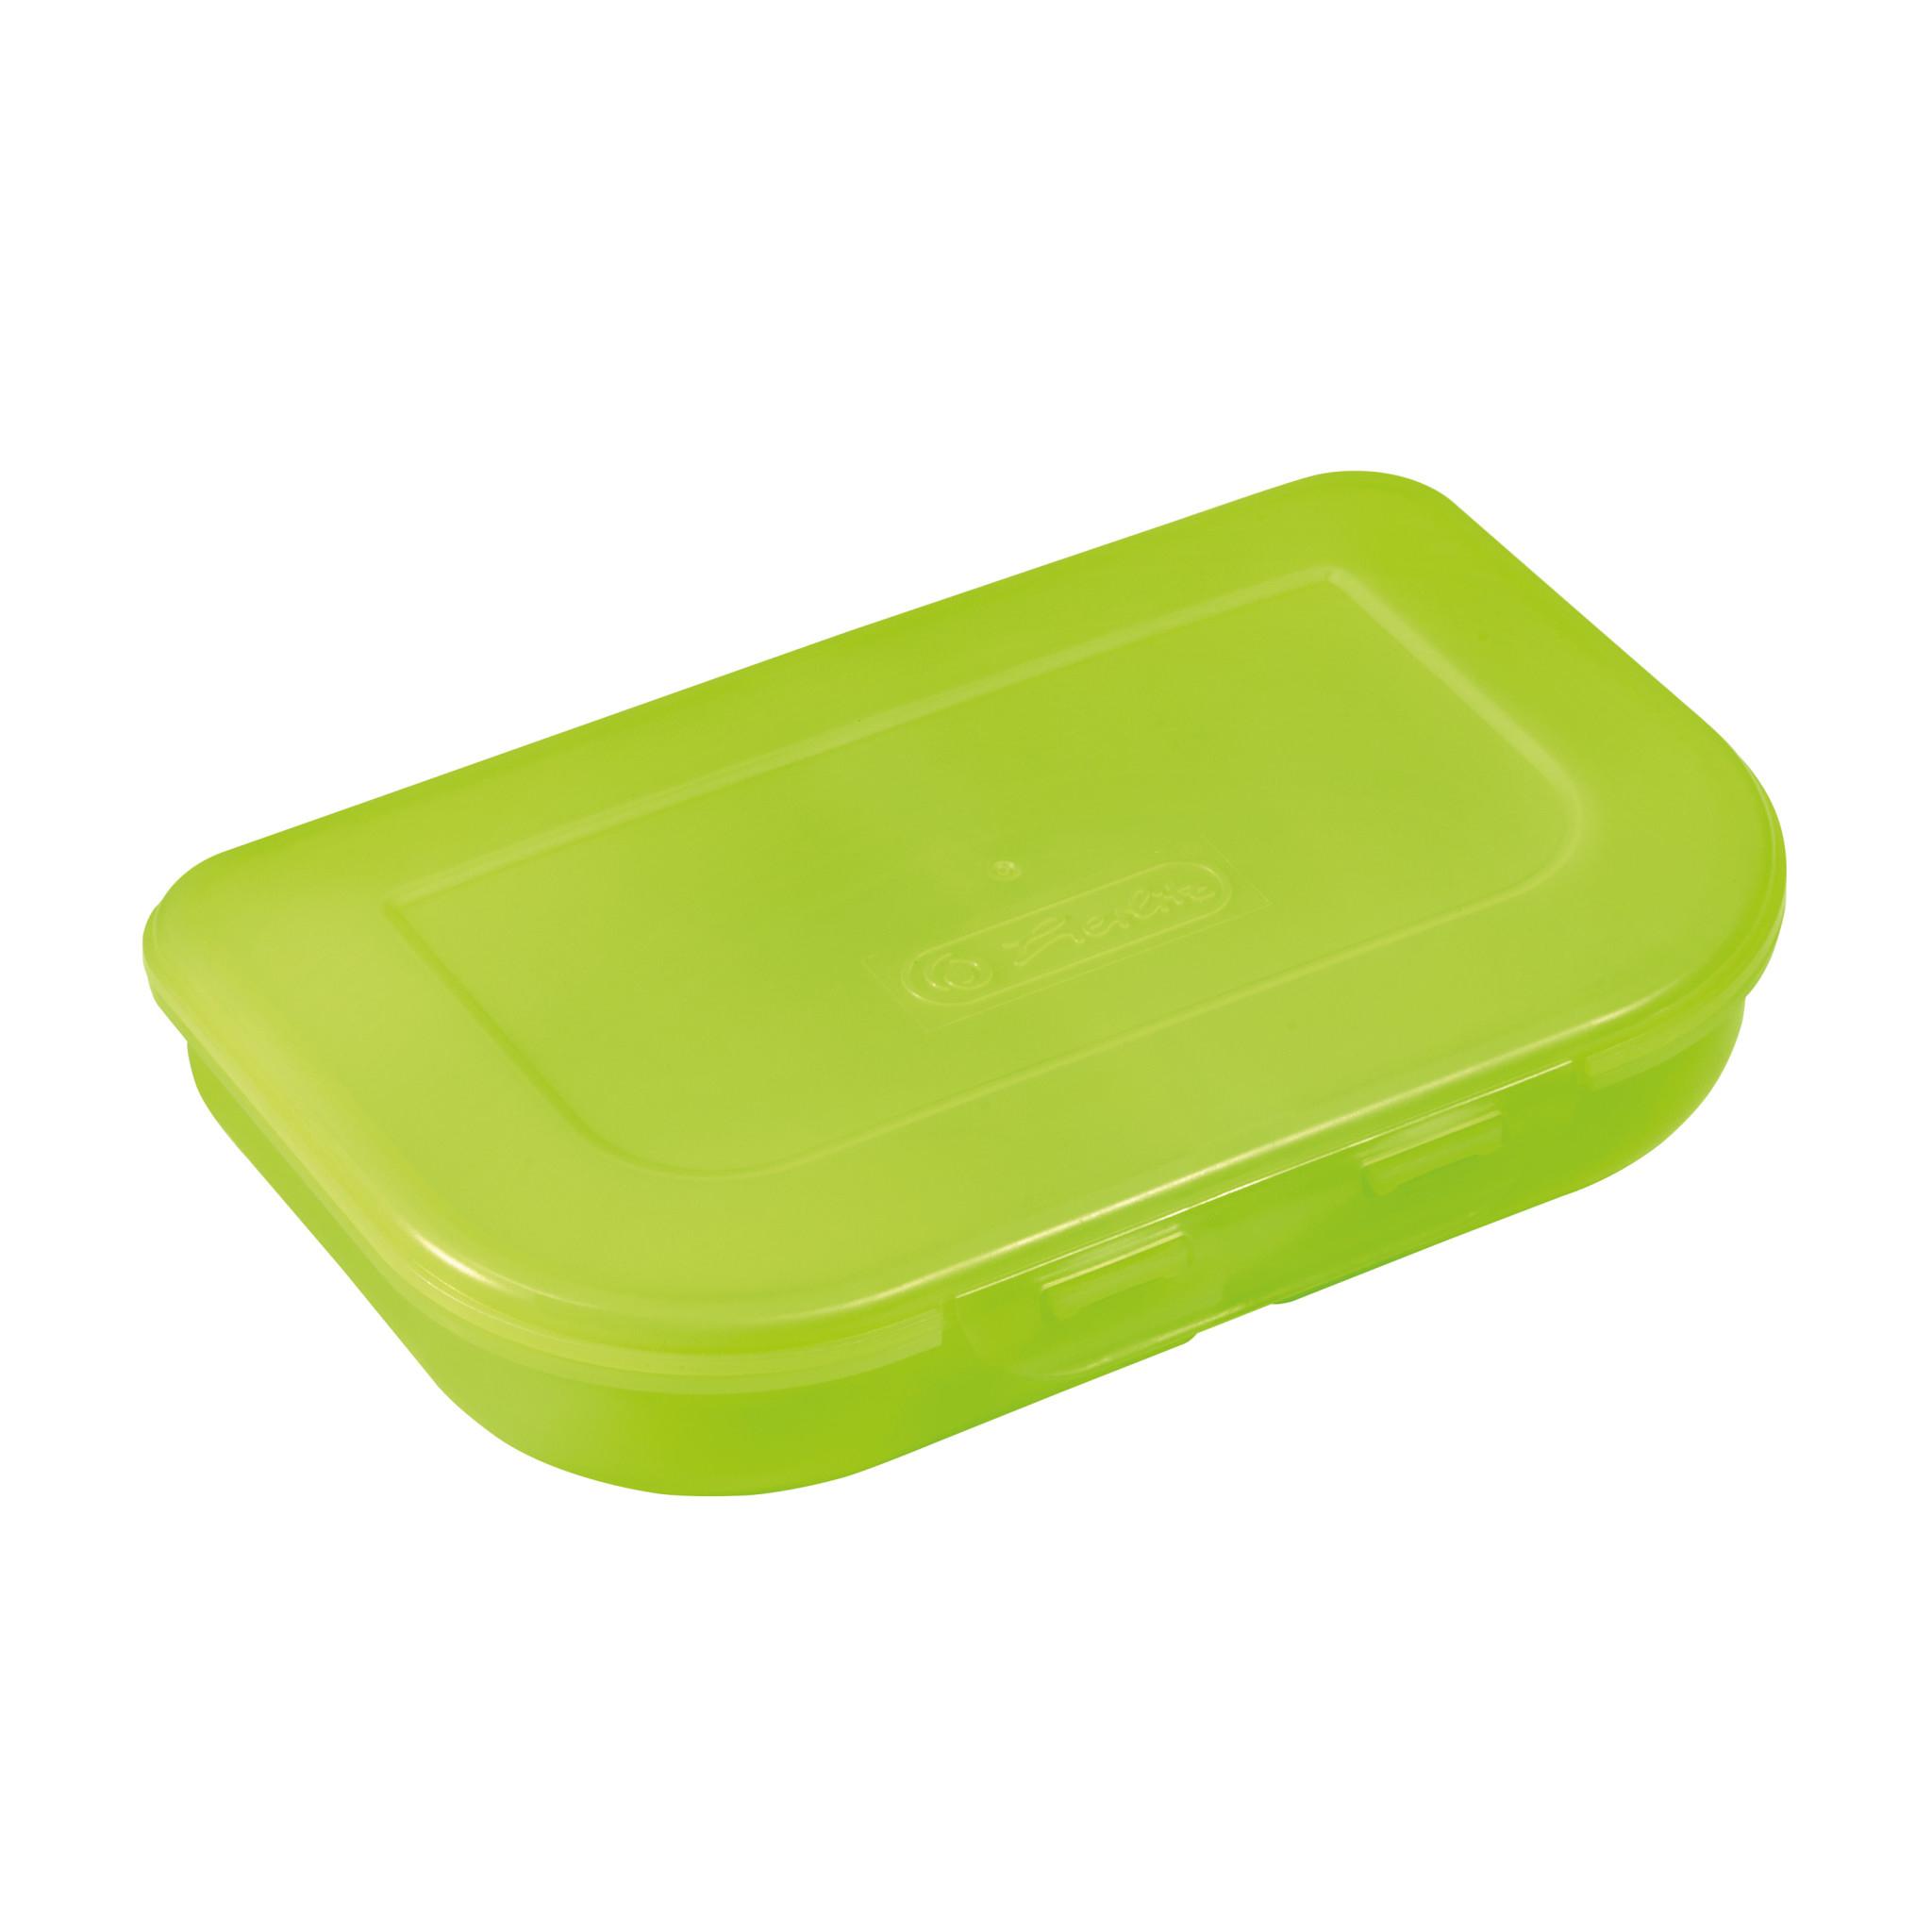 Vorschau: Herlitz Brotdose grün